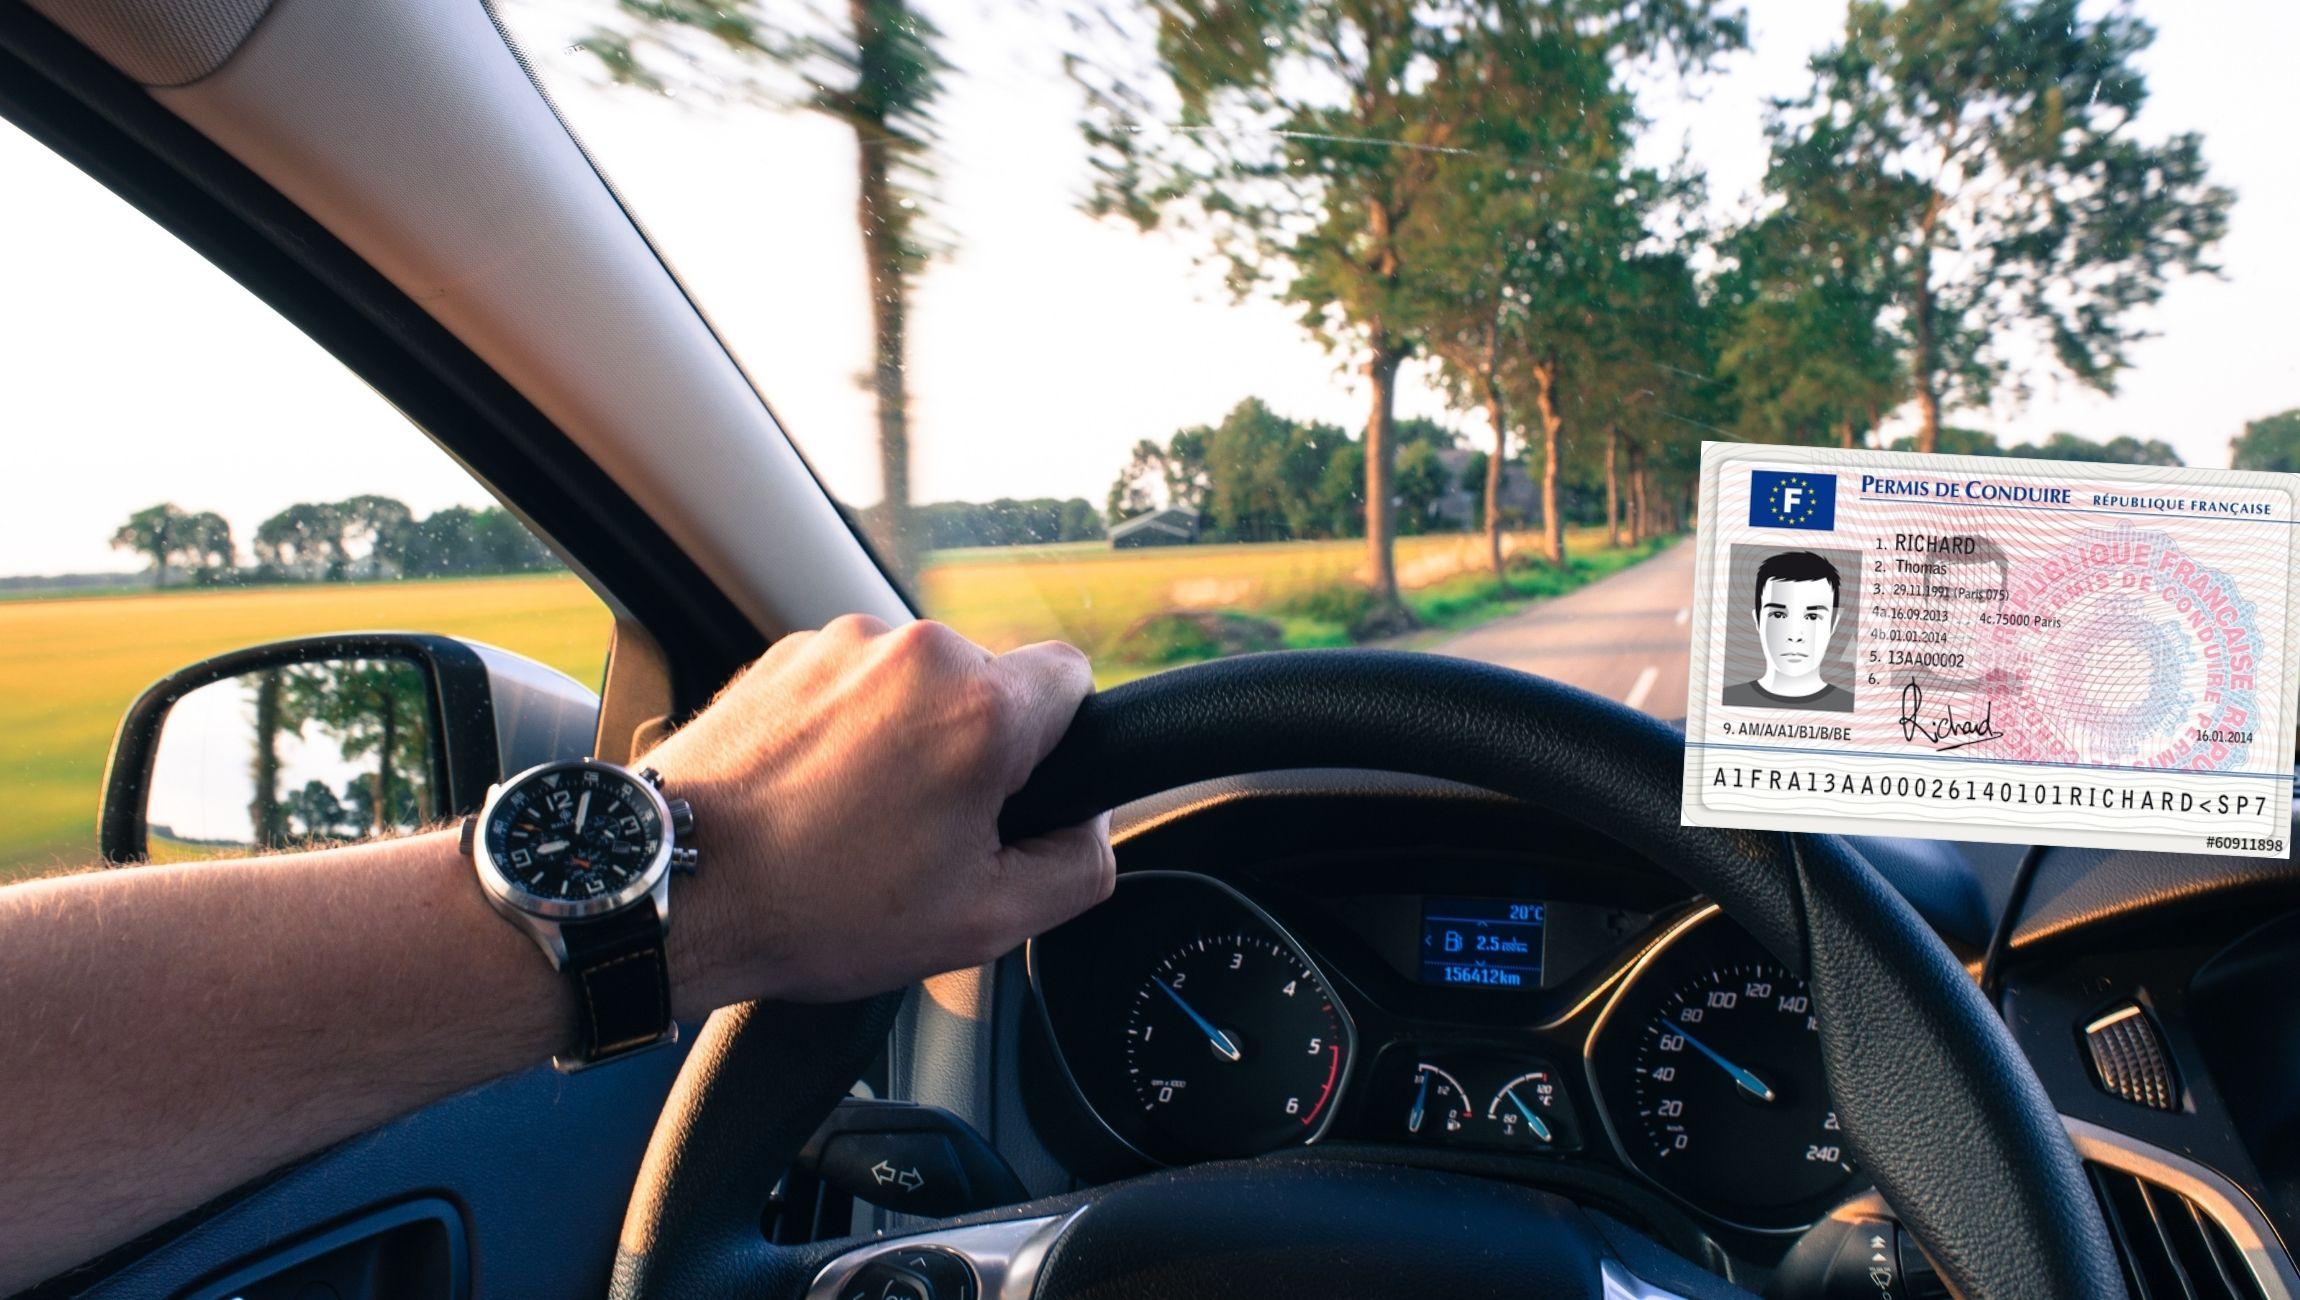 ANTS erreur technique permis de conduire